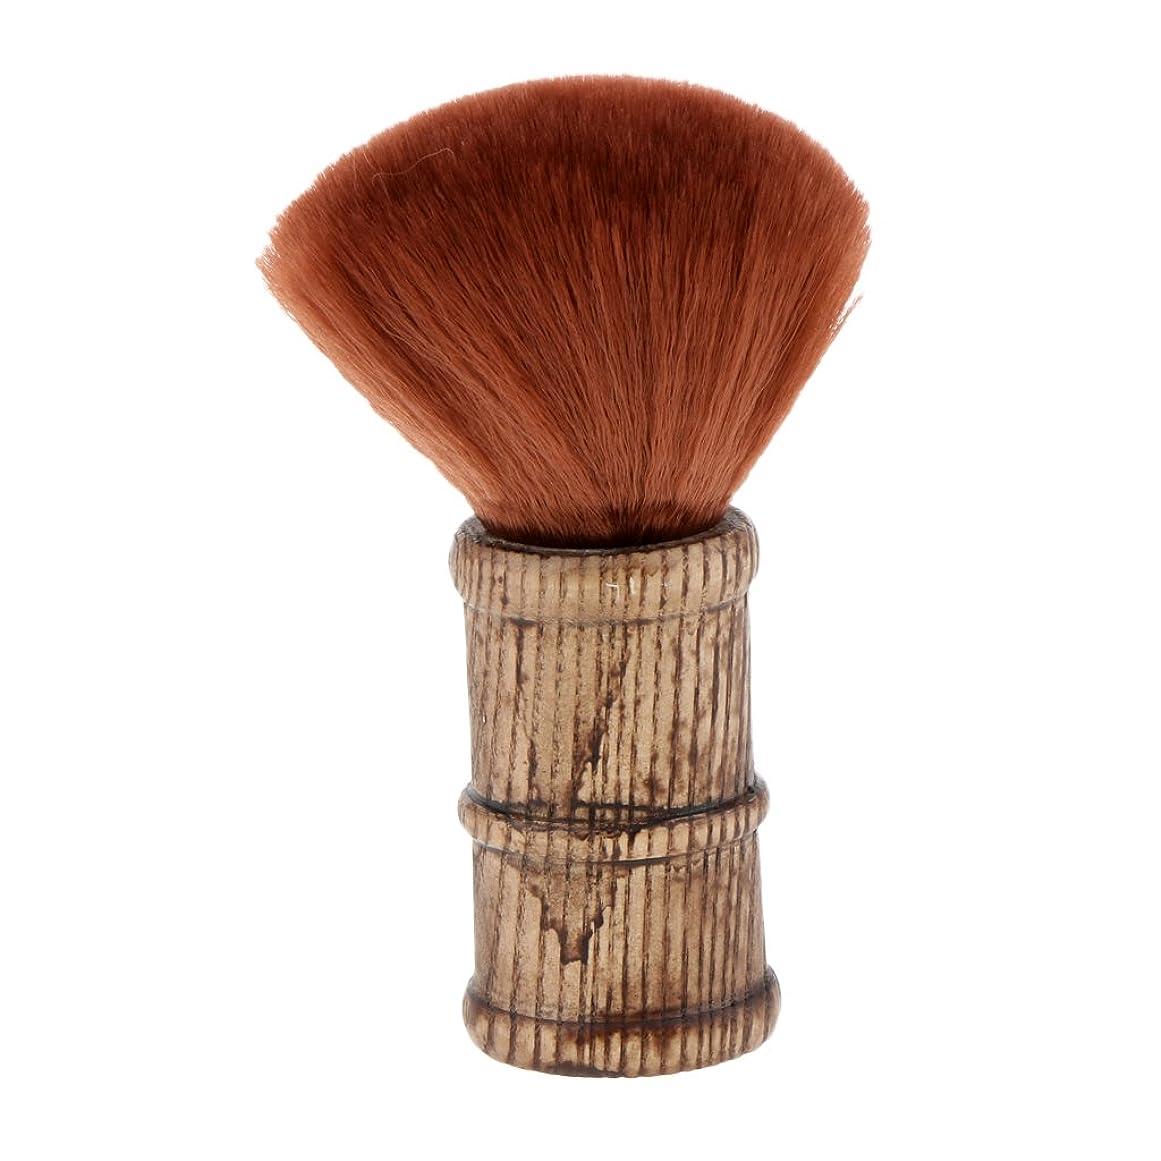 方言艶死ぬPerfk ネックダスターブラシ ヘアカットブラシ 理髪師 サロン スーパーソフト メイクアップ 2色選べる - 褐色